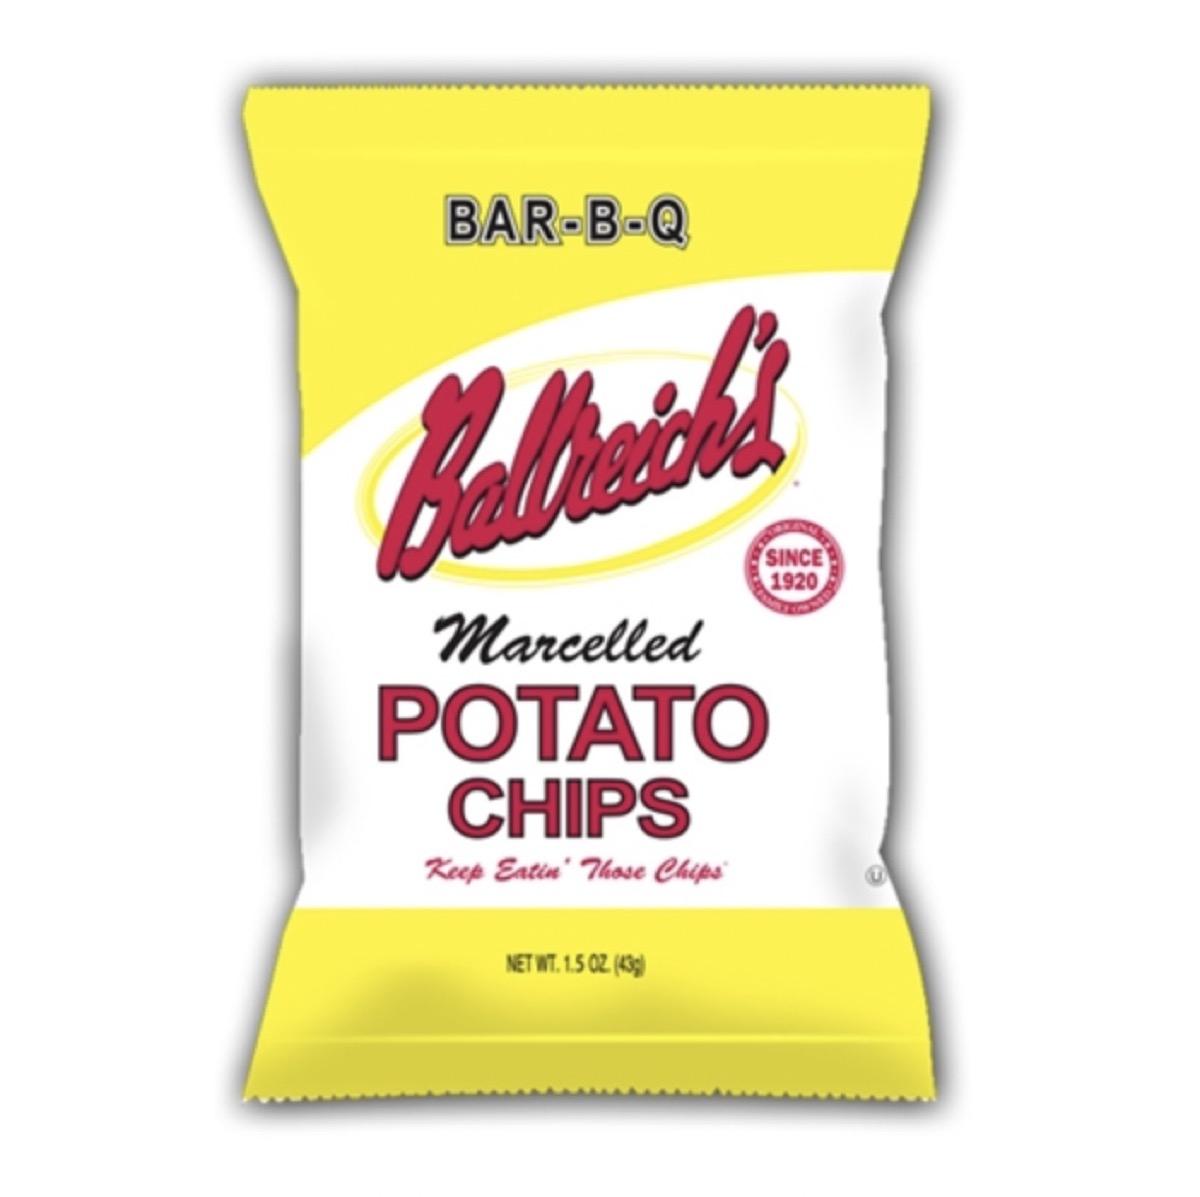 yellow bag of ballreich bar b q potato chips